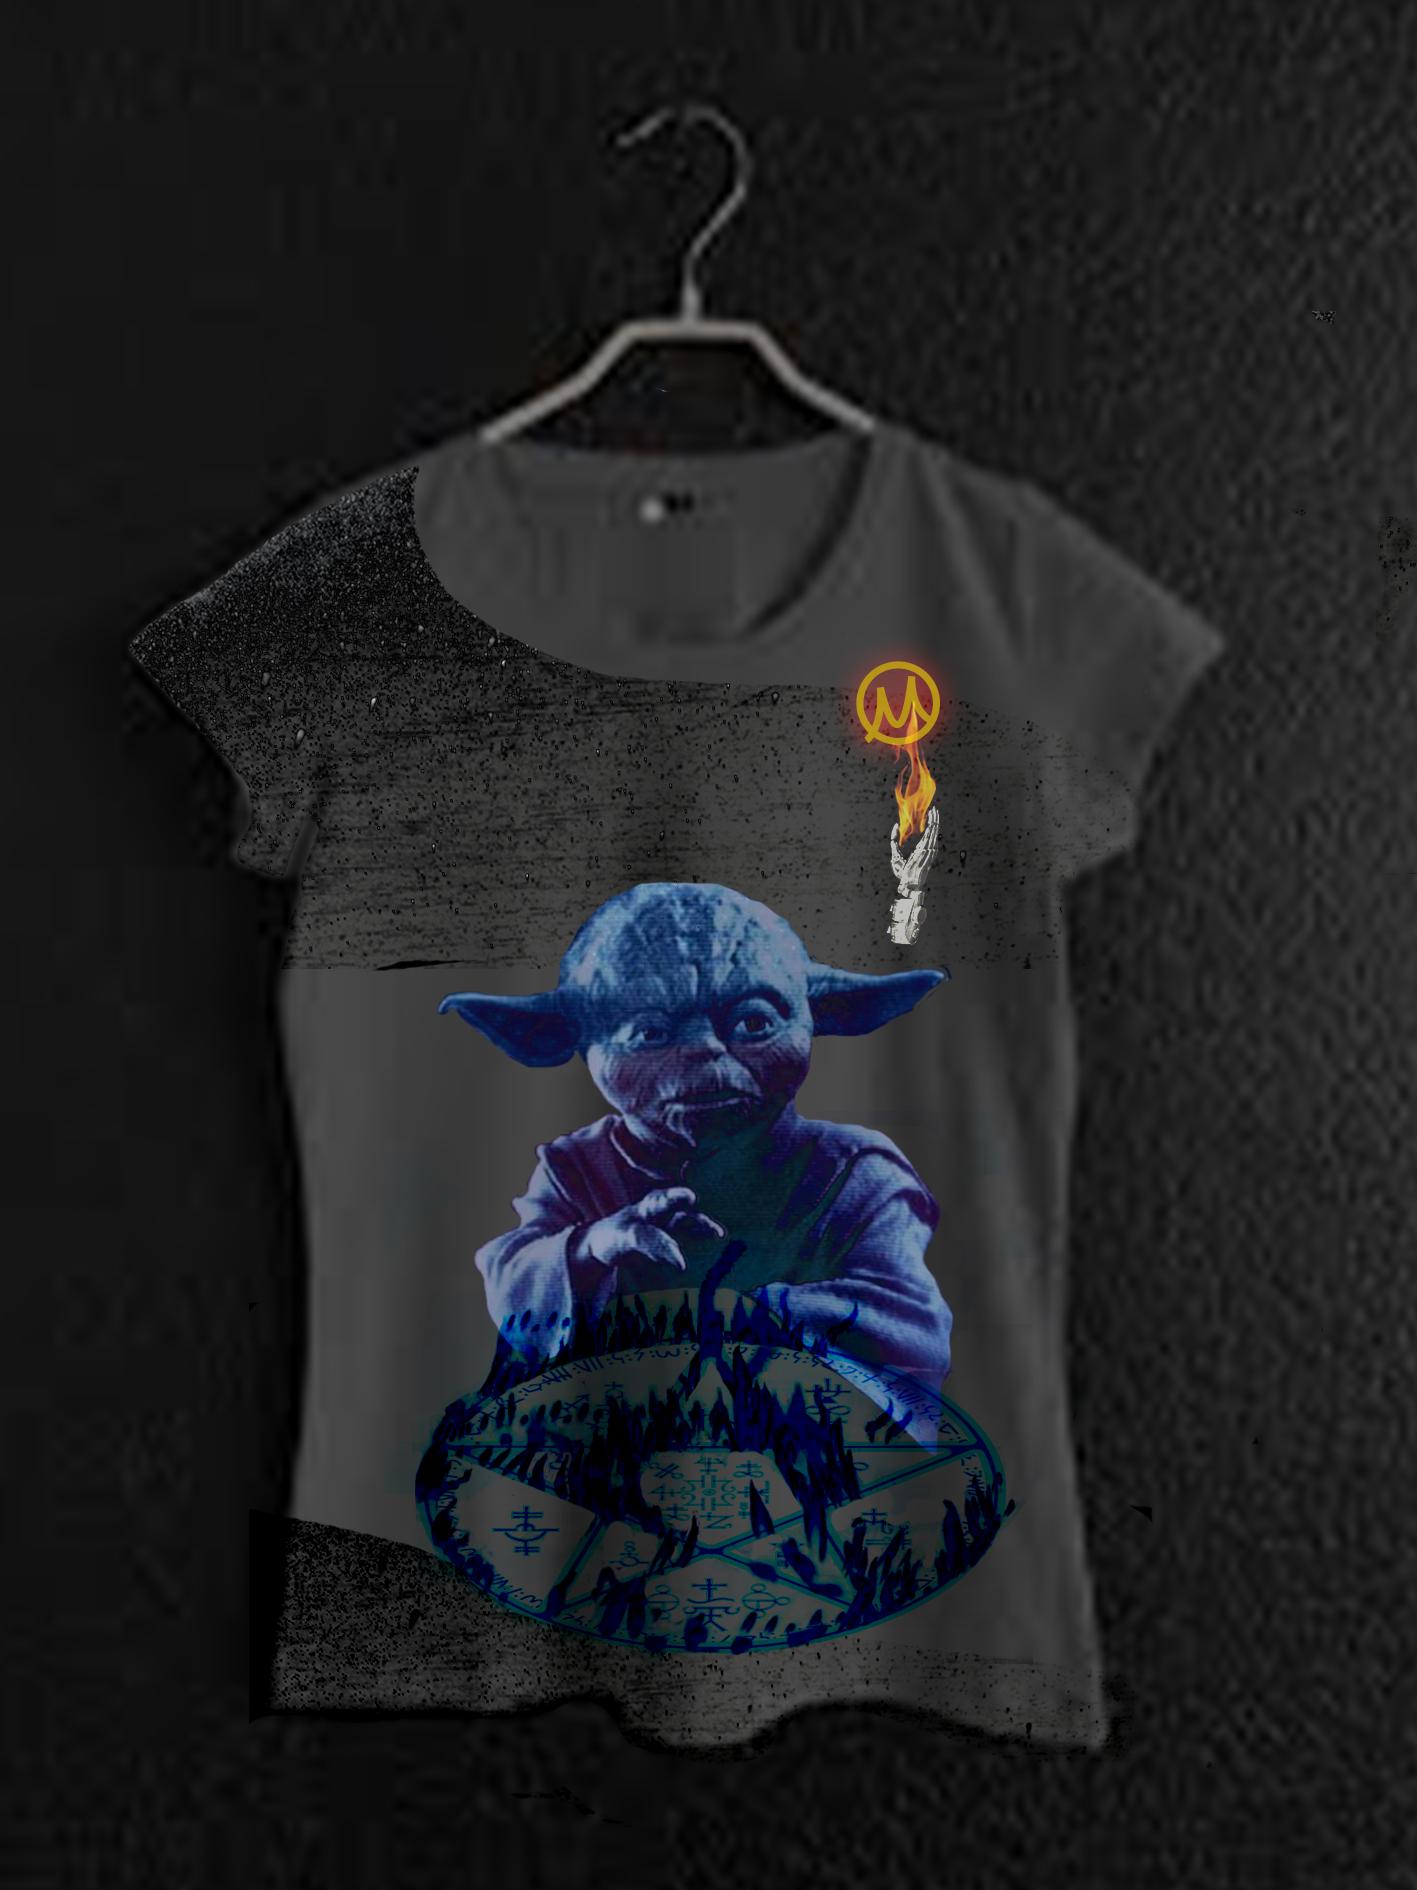 Нарисовать принты на футболки для компании Моторика фото f_931609fe2c10b4ee.jpg